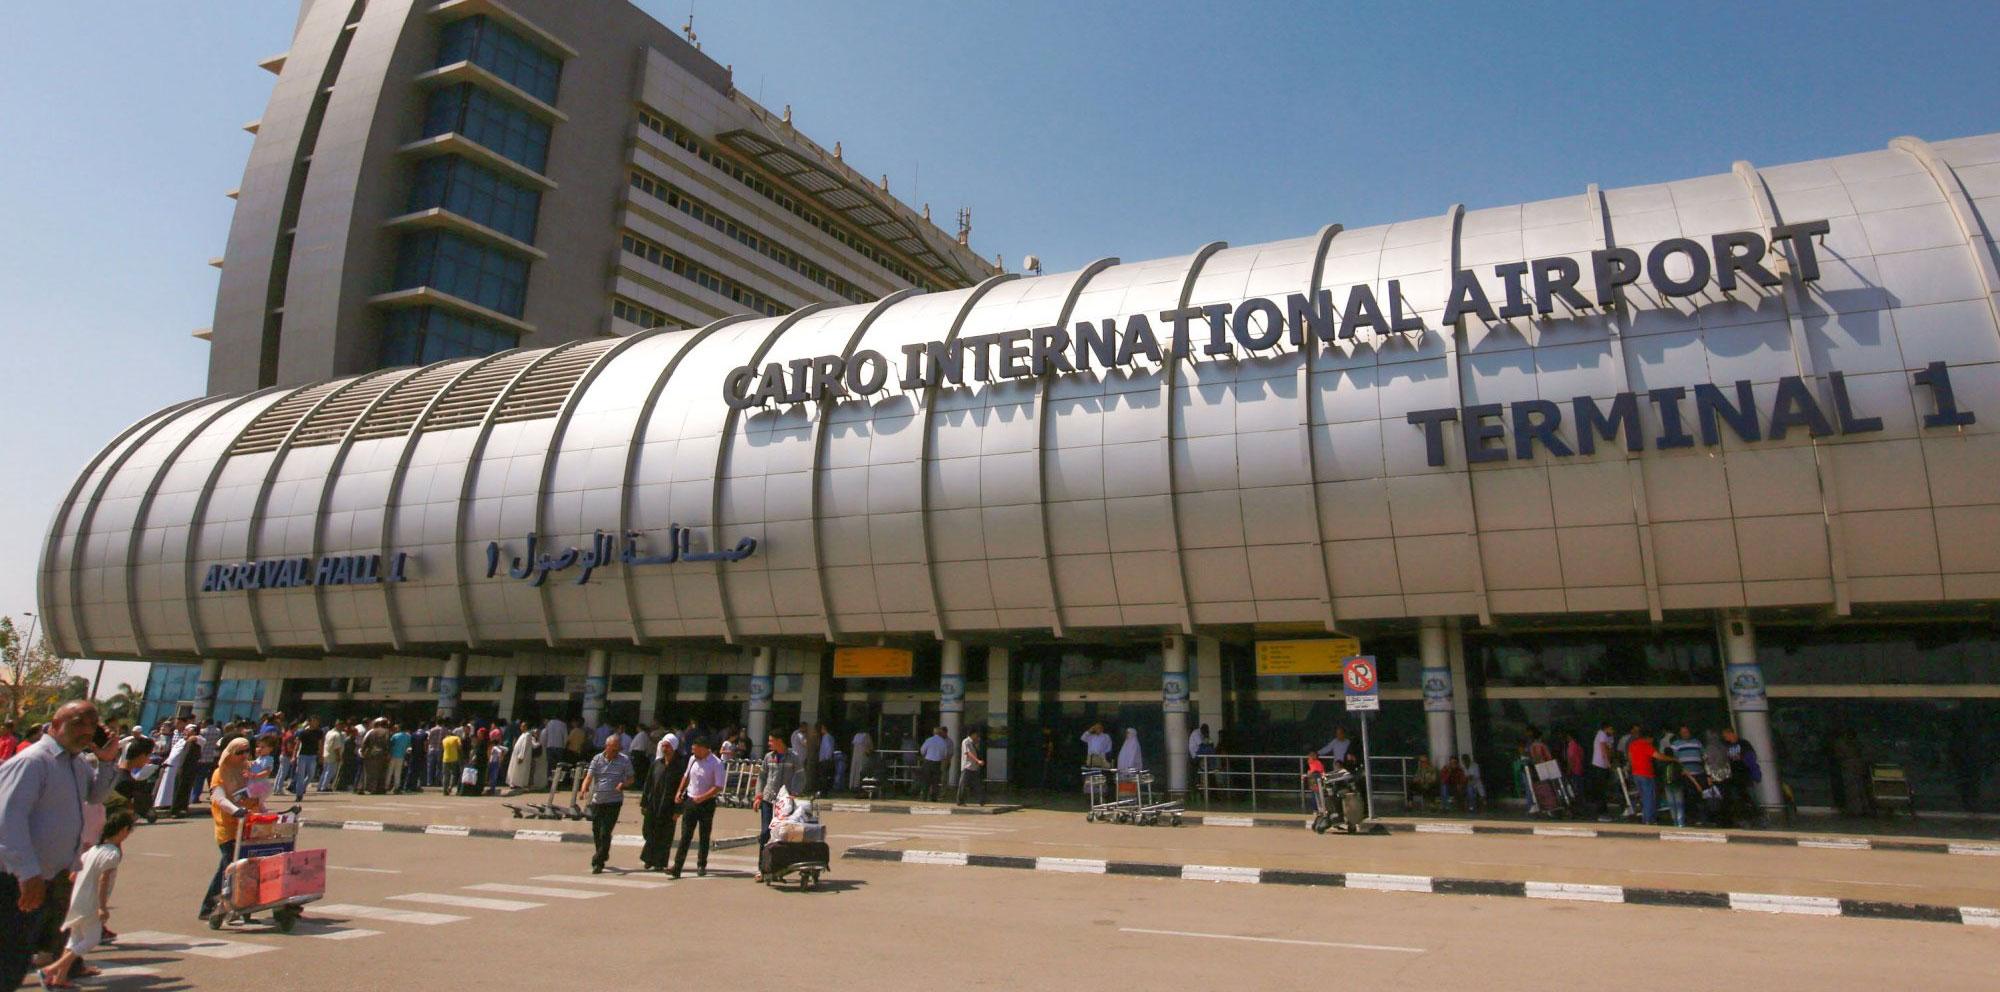 ضبط مشغولات ذهبية و18 هاتف أيفون بمطار القاهرة - جريدة المال